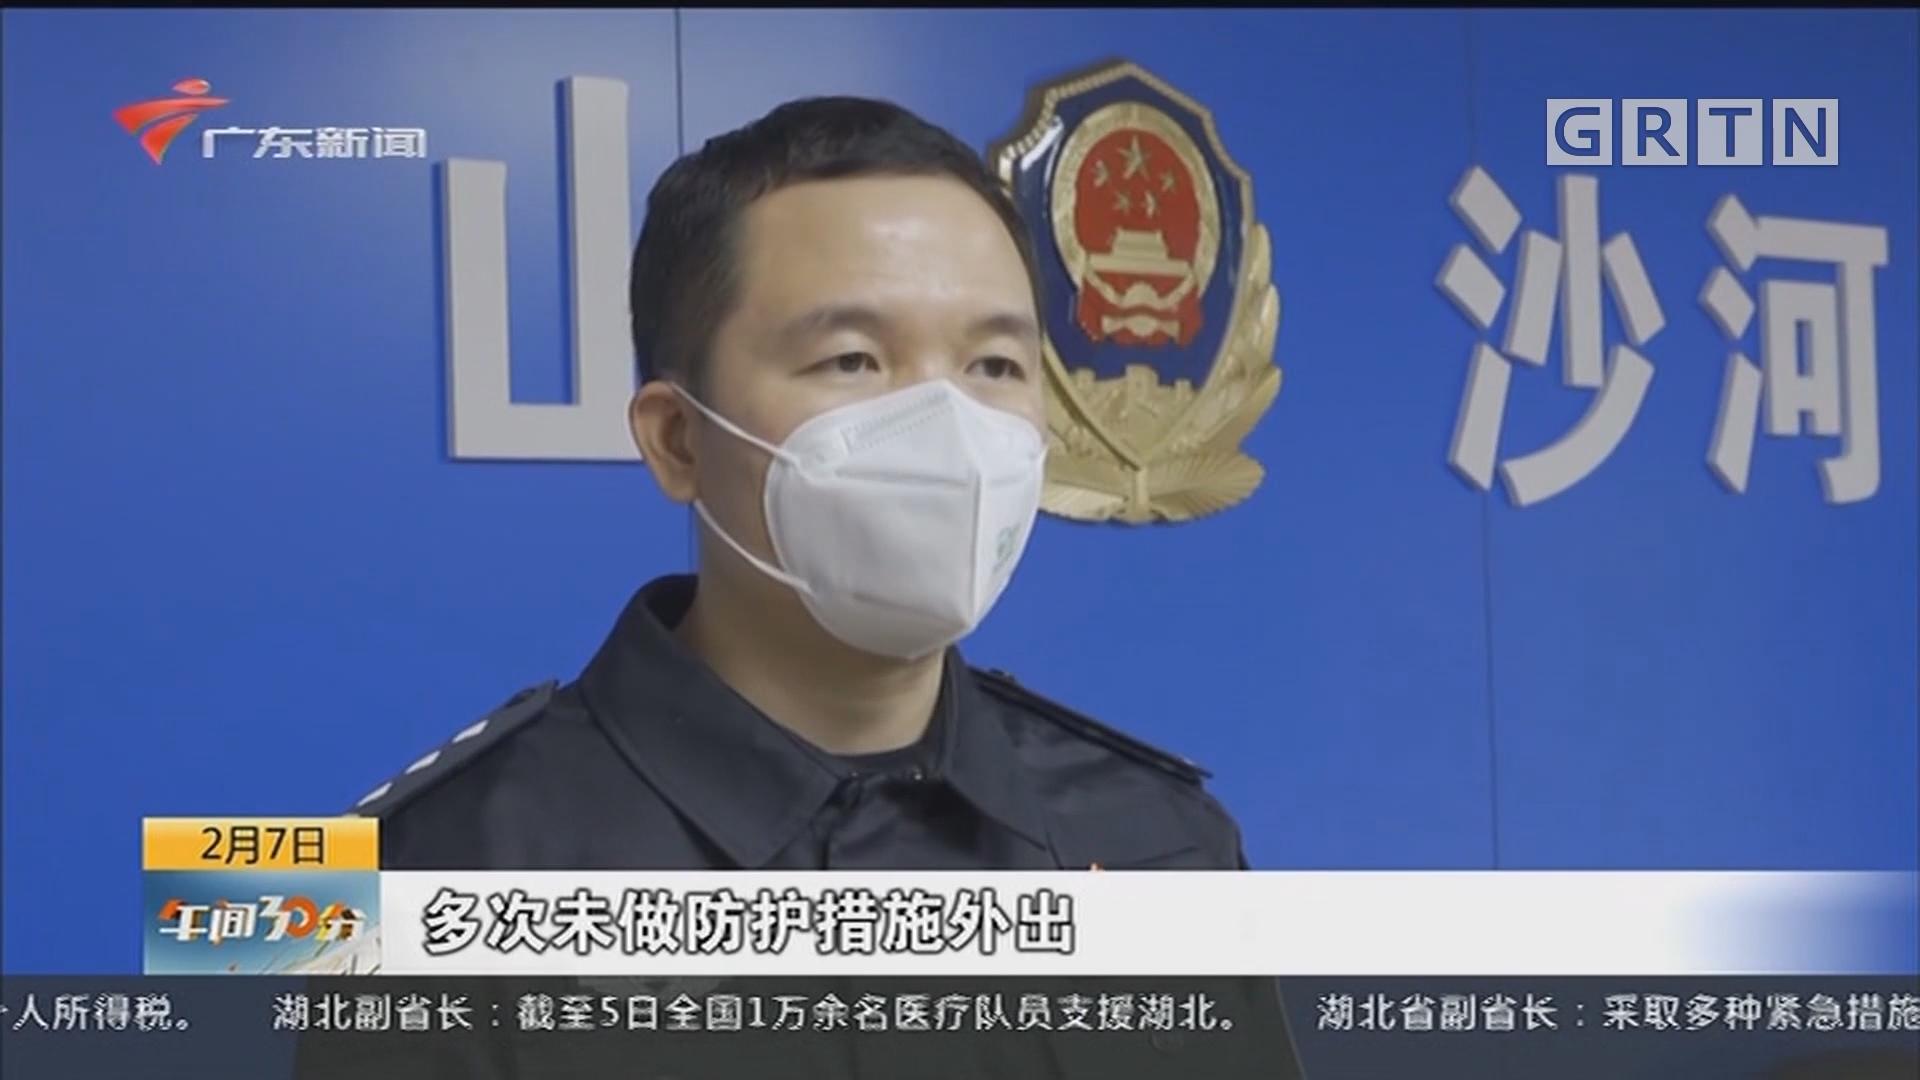 深圳:拒绝检查还逃跑 患者被立案侦查